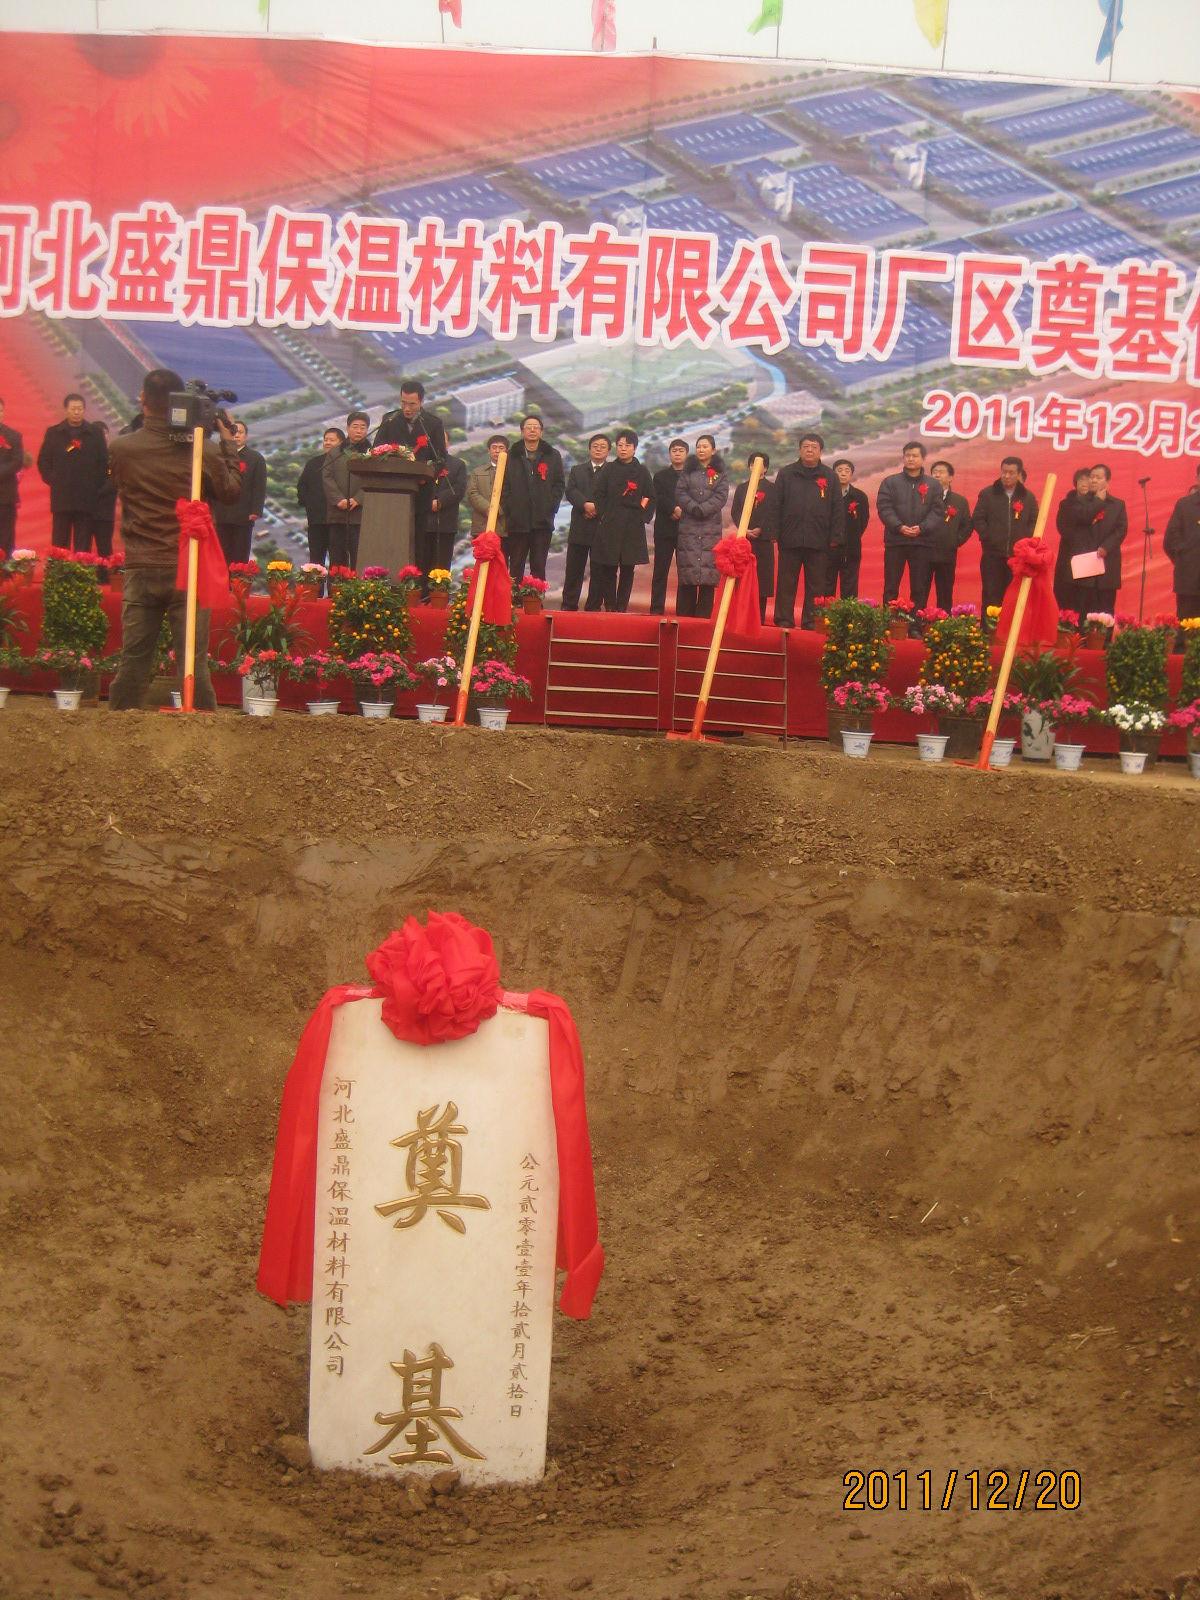 阜城县盛鼎保温材料有限公司